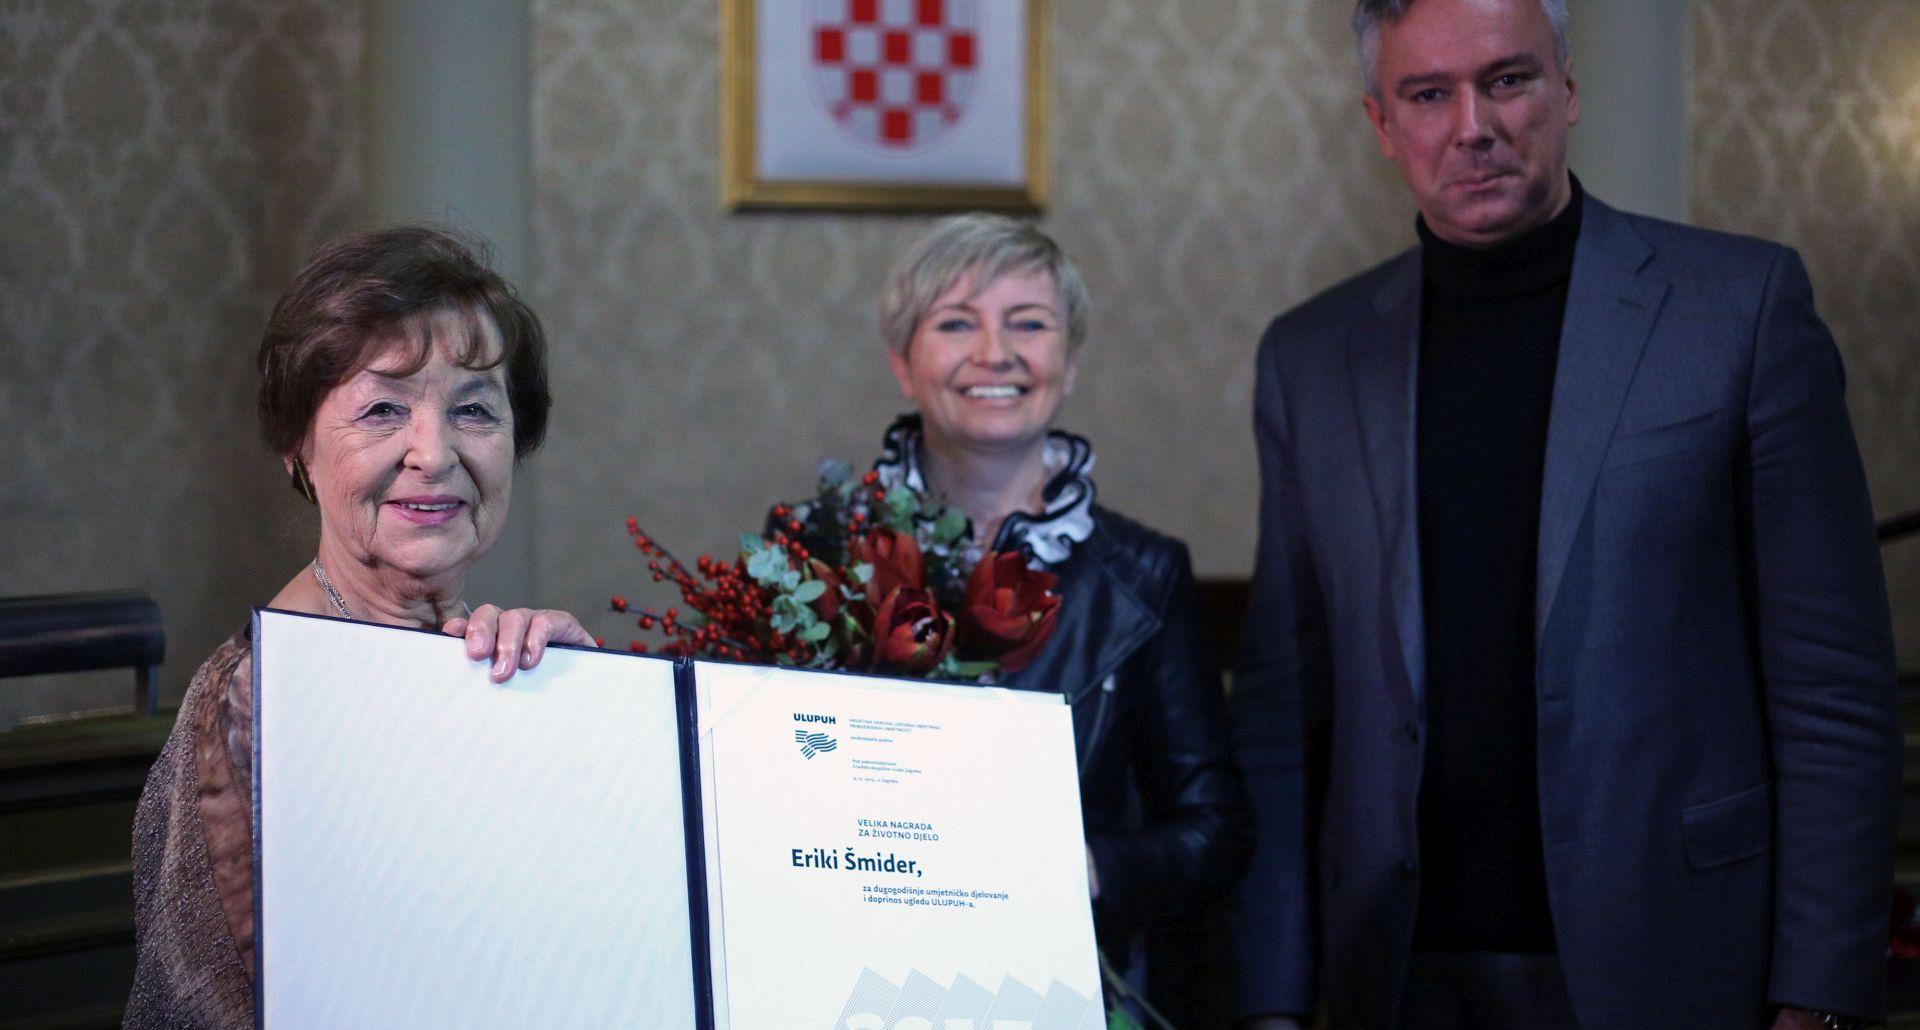 I DALJE AKTIVNO DJELUJE: Erika Šmider primila Nagradu za životno djelo ULUPUH-a